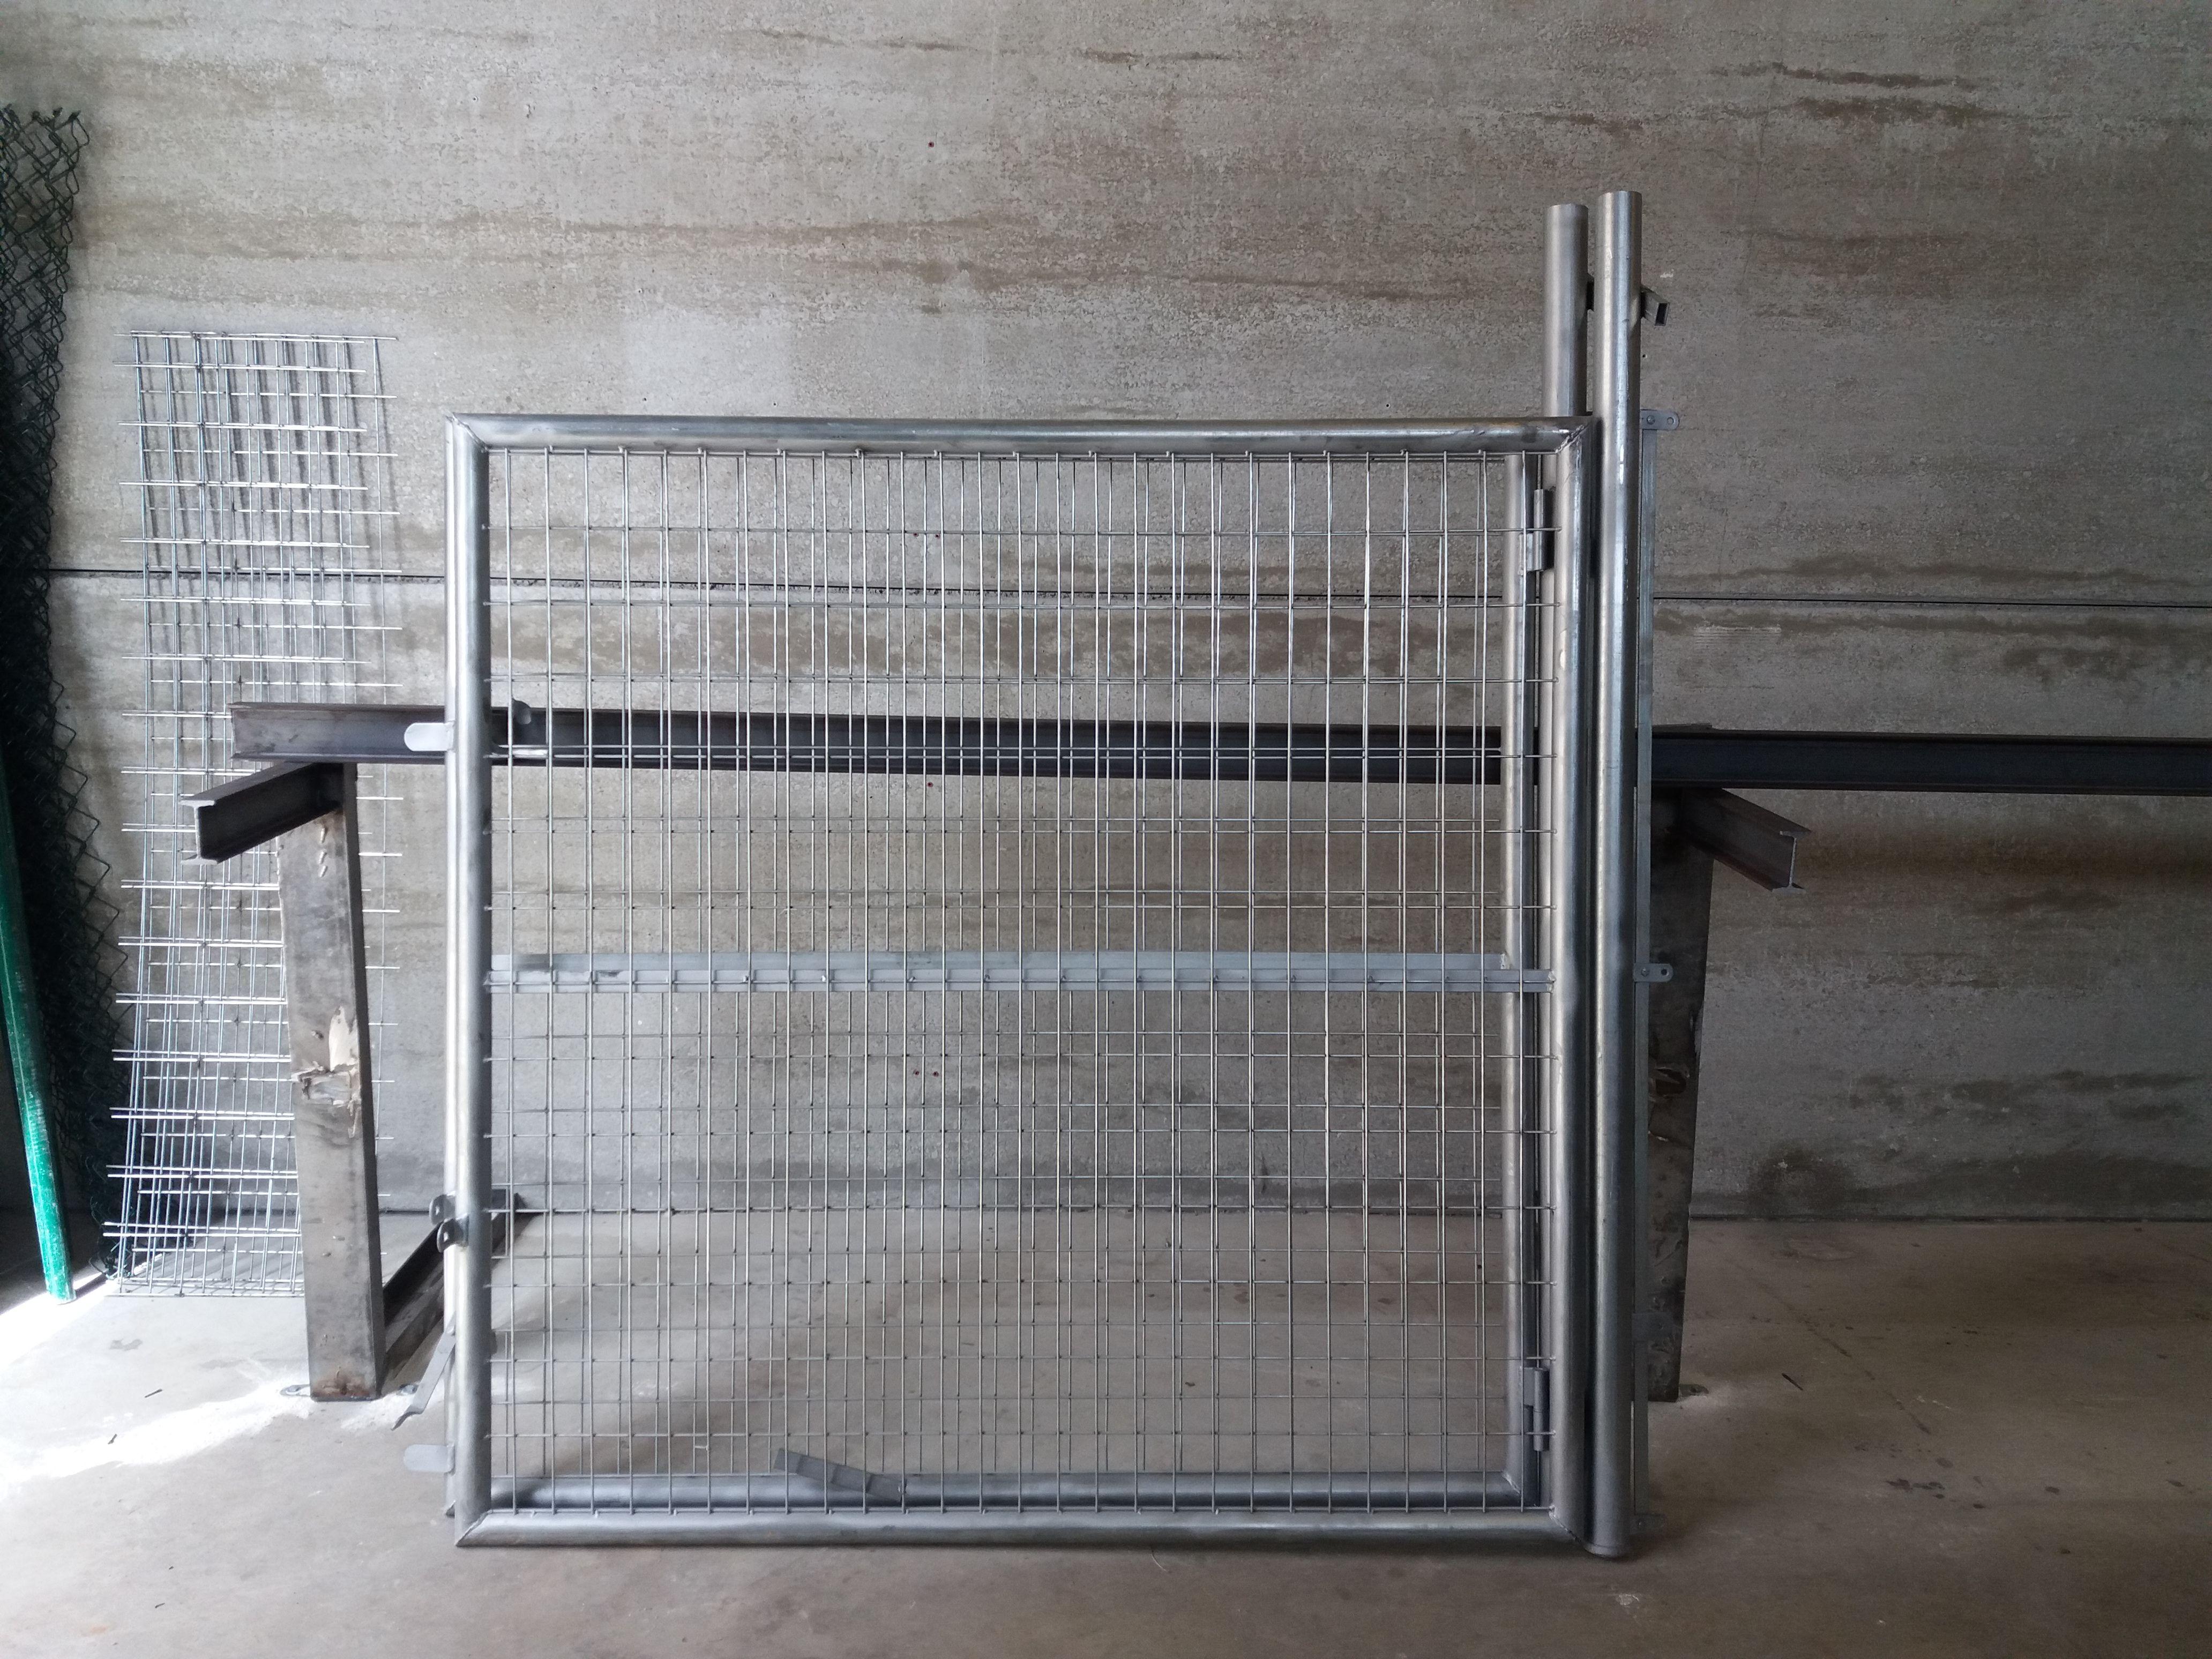 Expertos en fabricación de vallados metálicos en Alicante